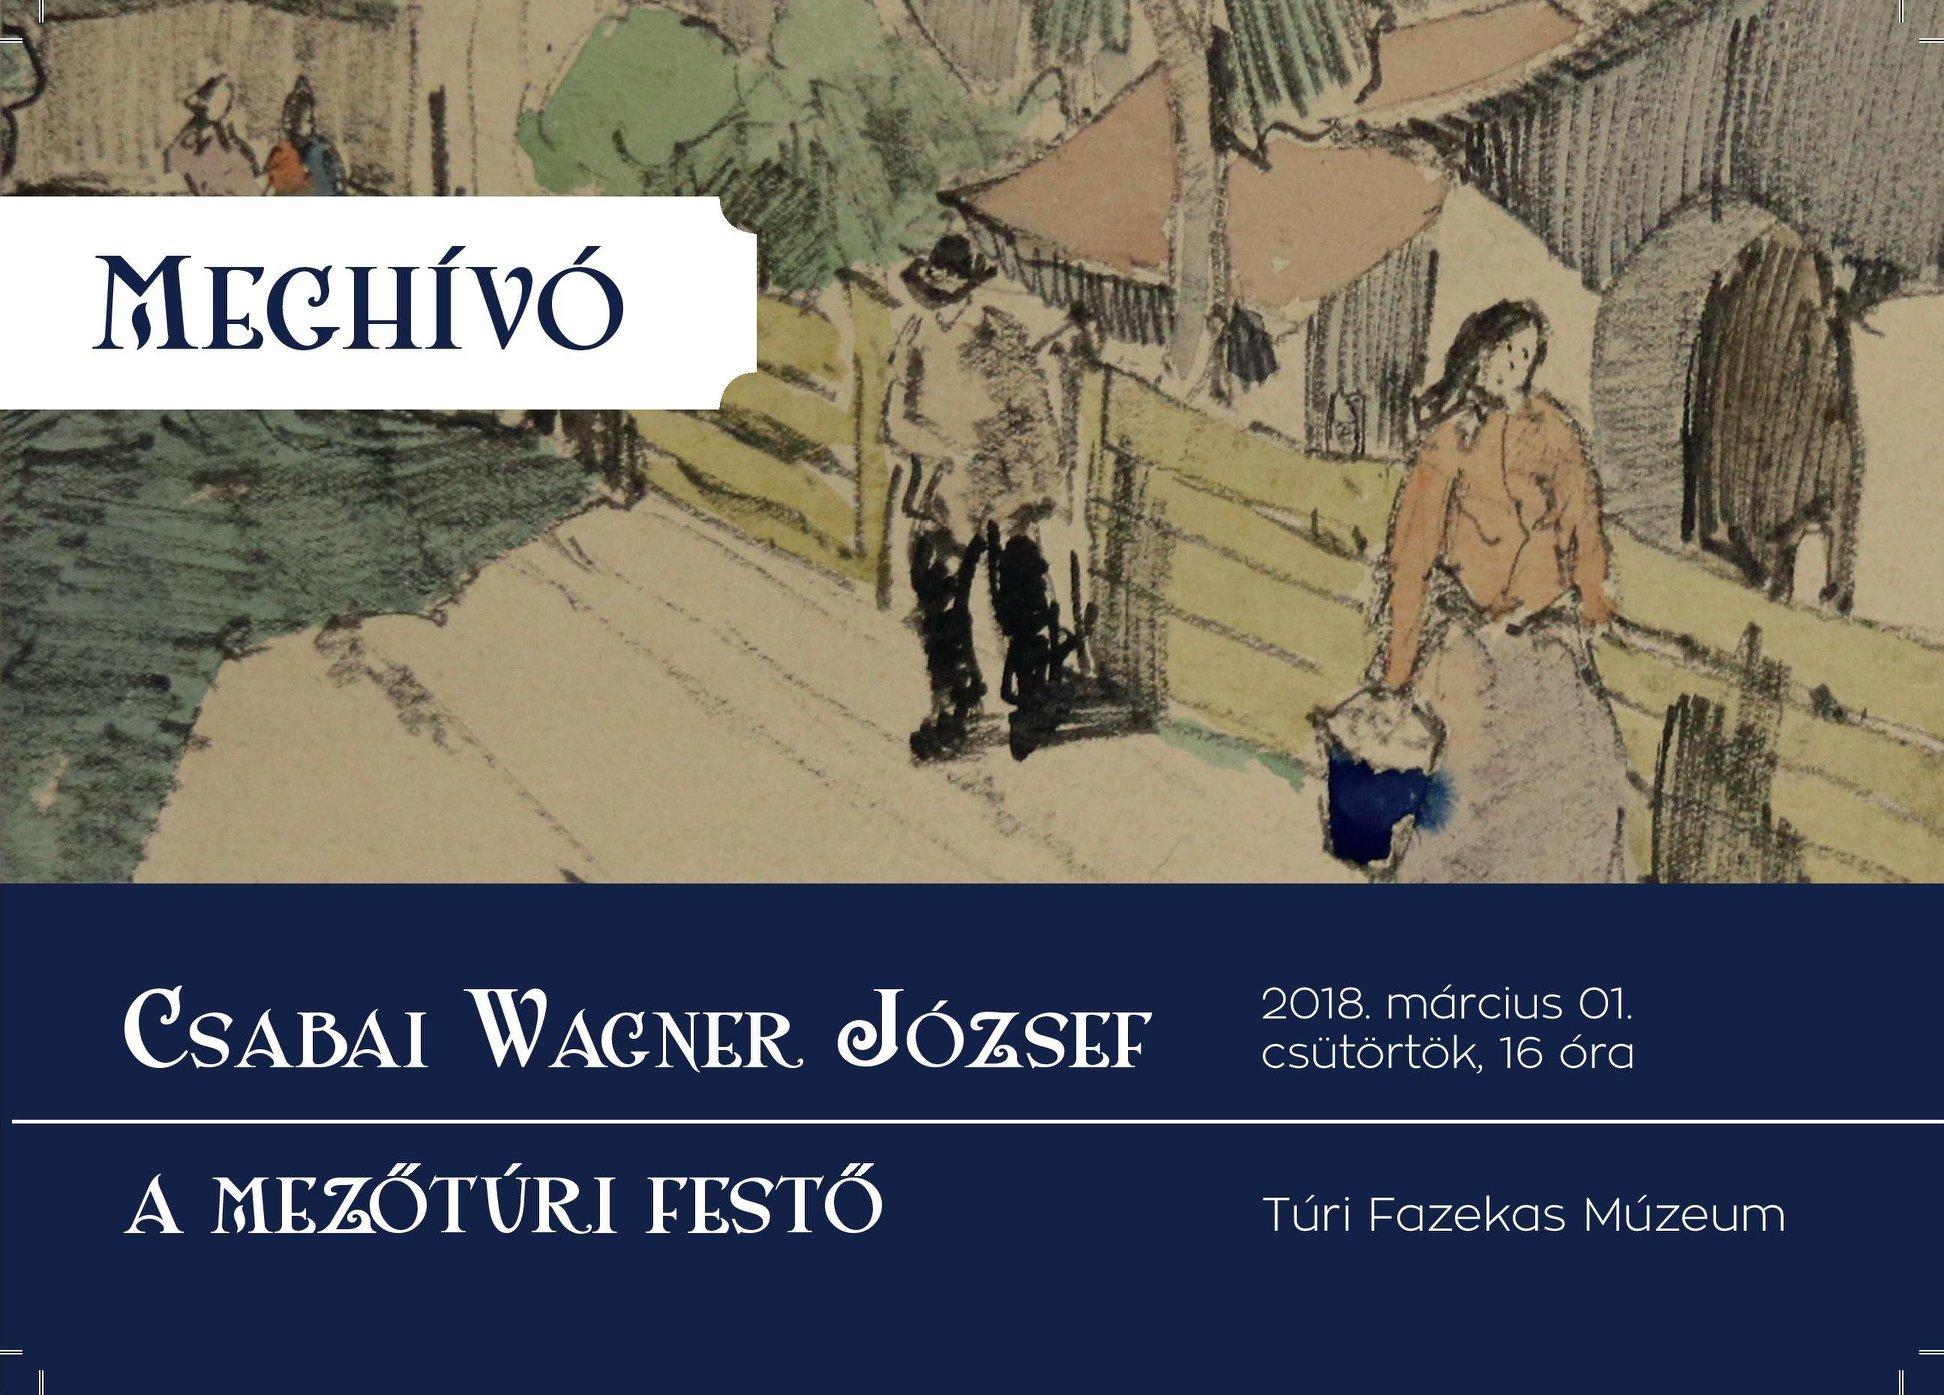 2018. 03. 01. - Csabai Wagner József, a mezőtúri festő - kiállítás megnyitó